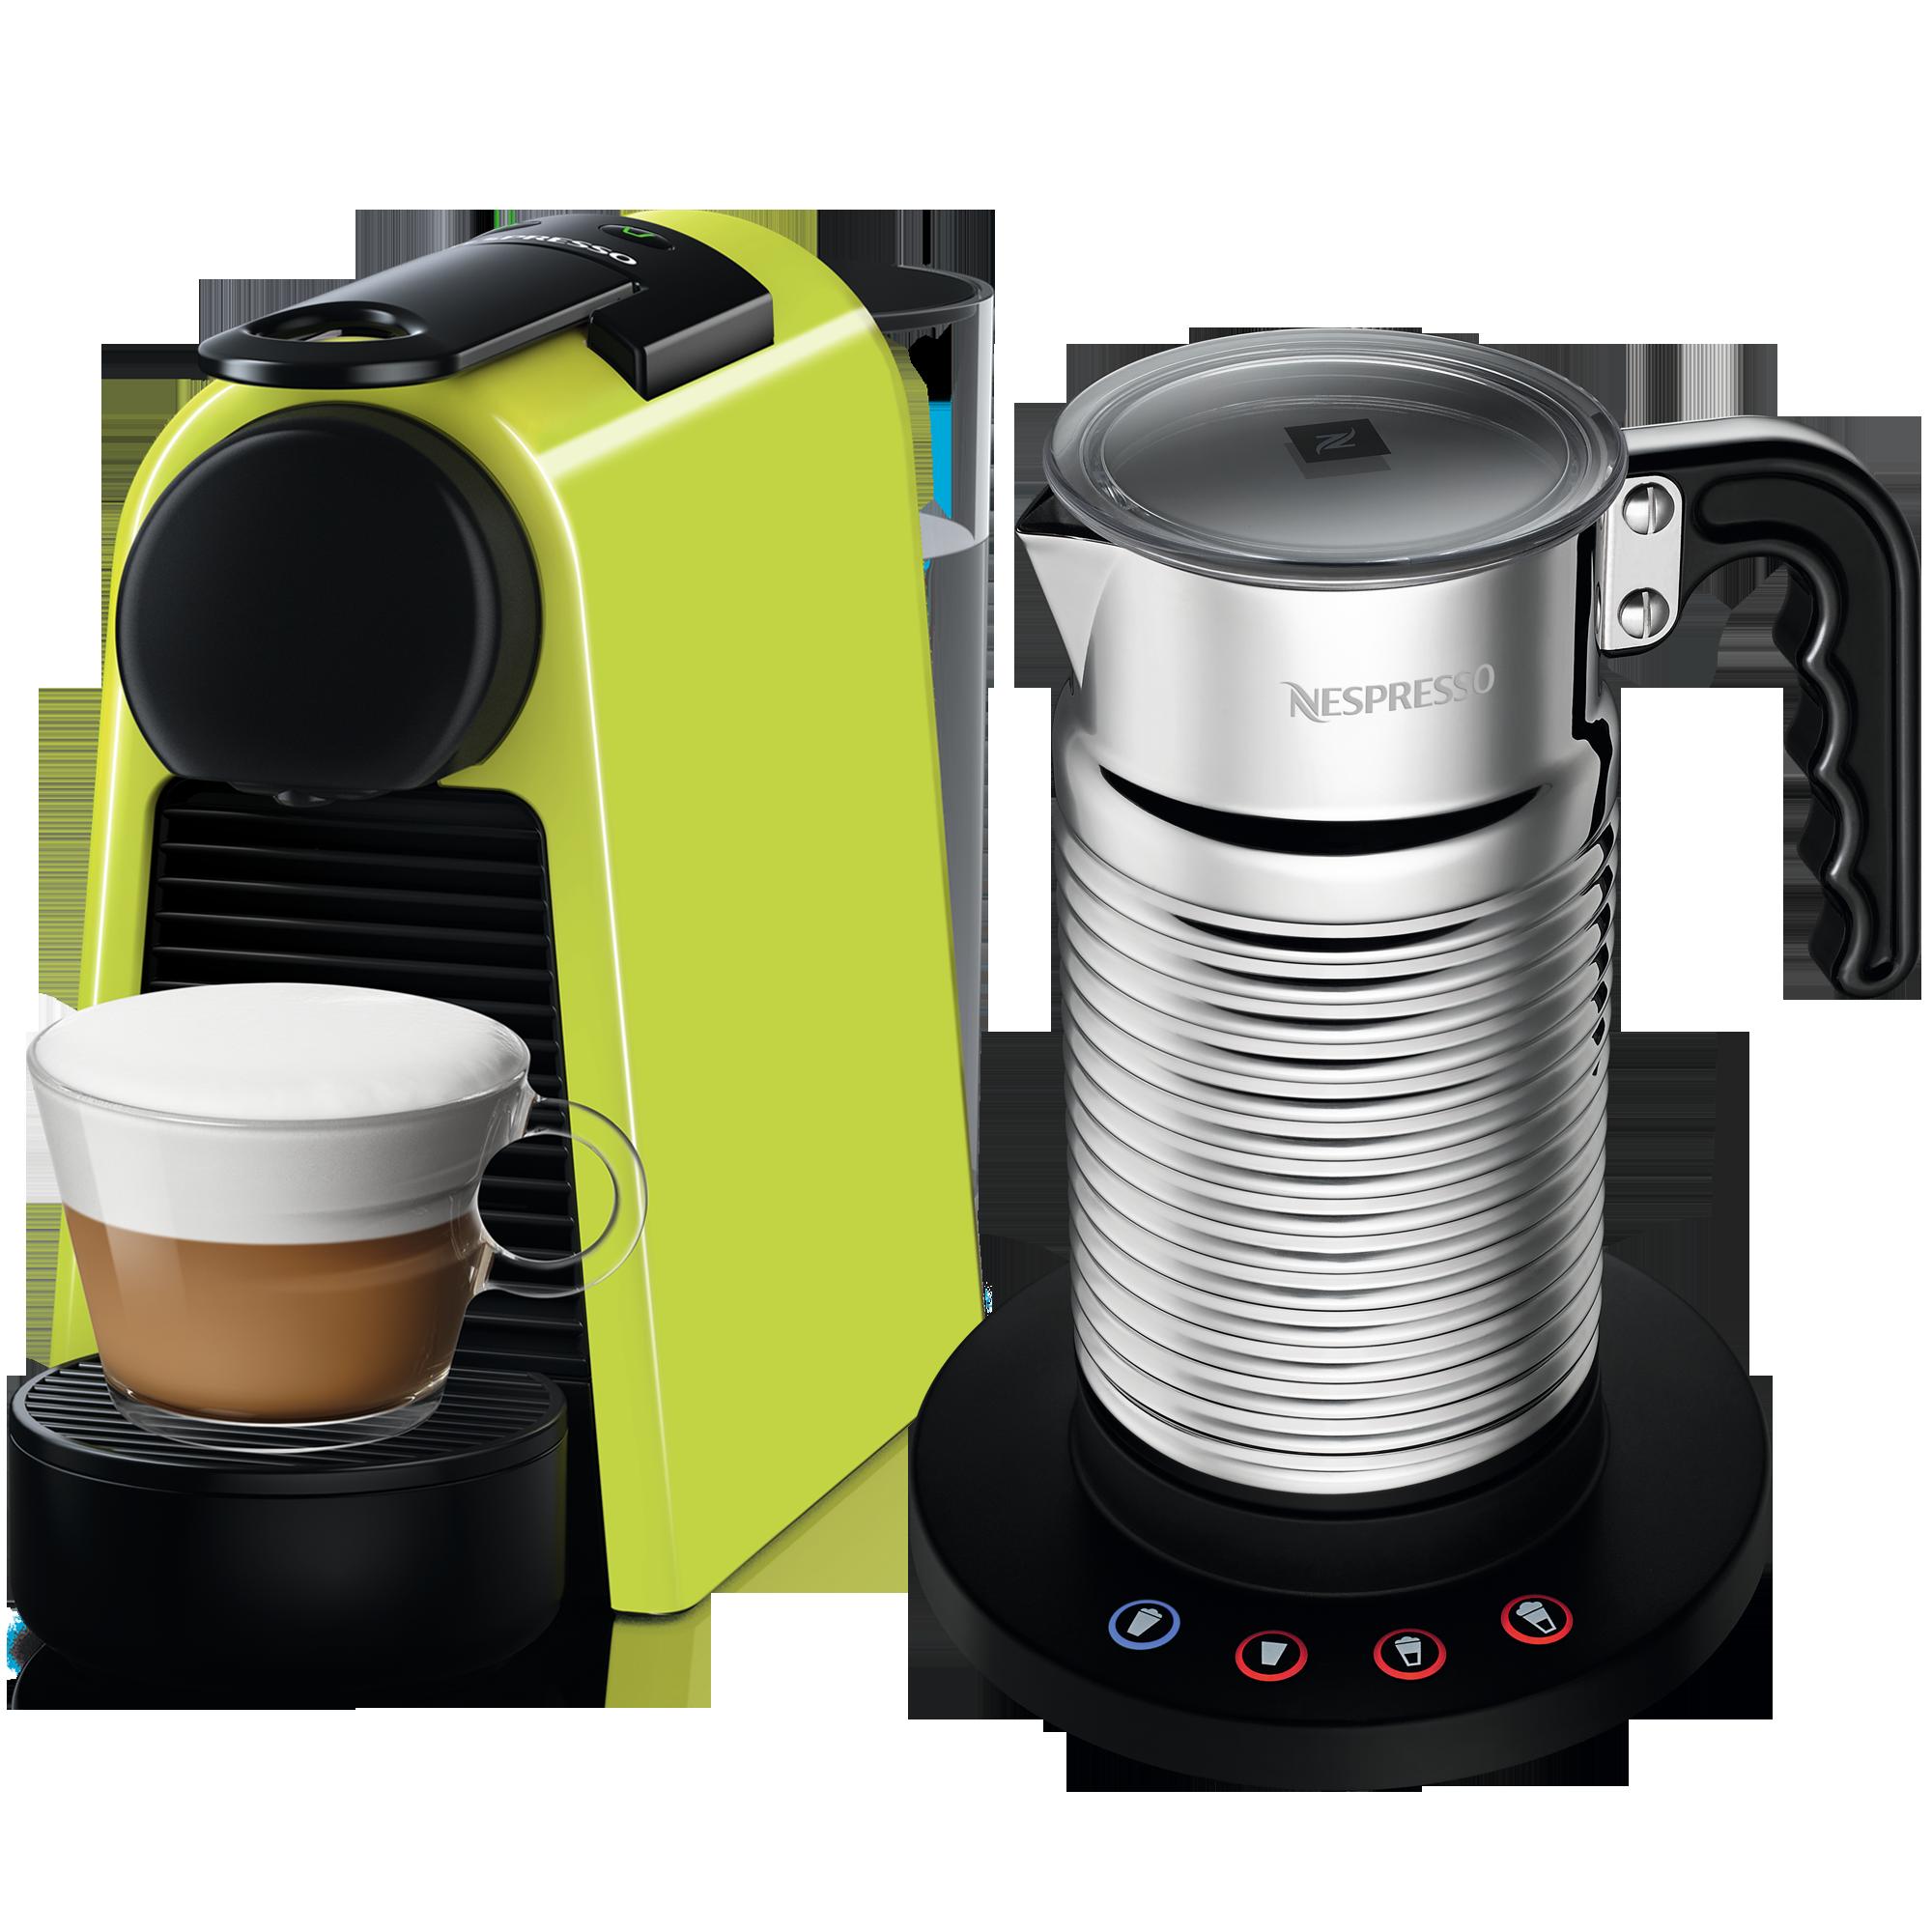 Nespresso ESSENZA MINI 萊姆綠& AERO4奶泡機組合